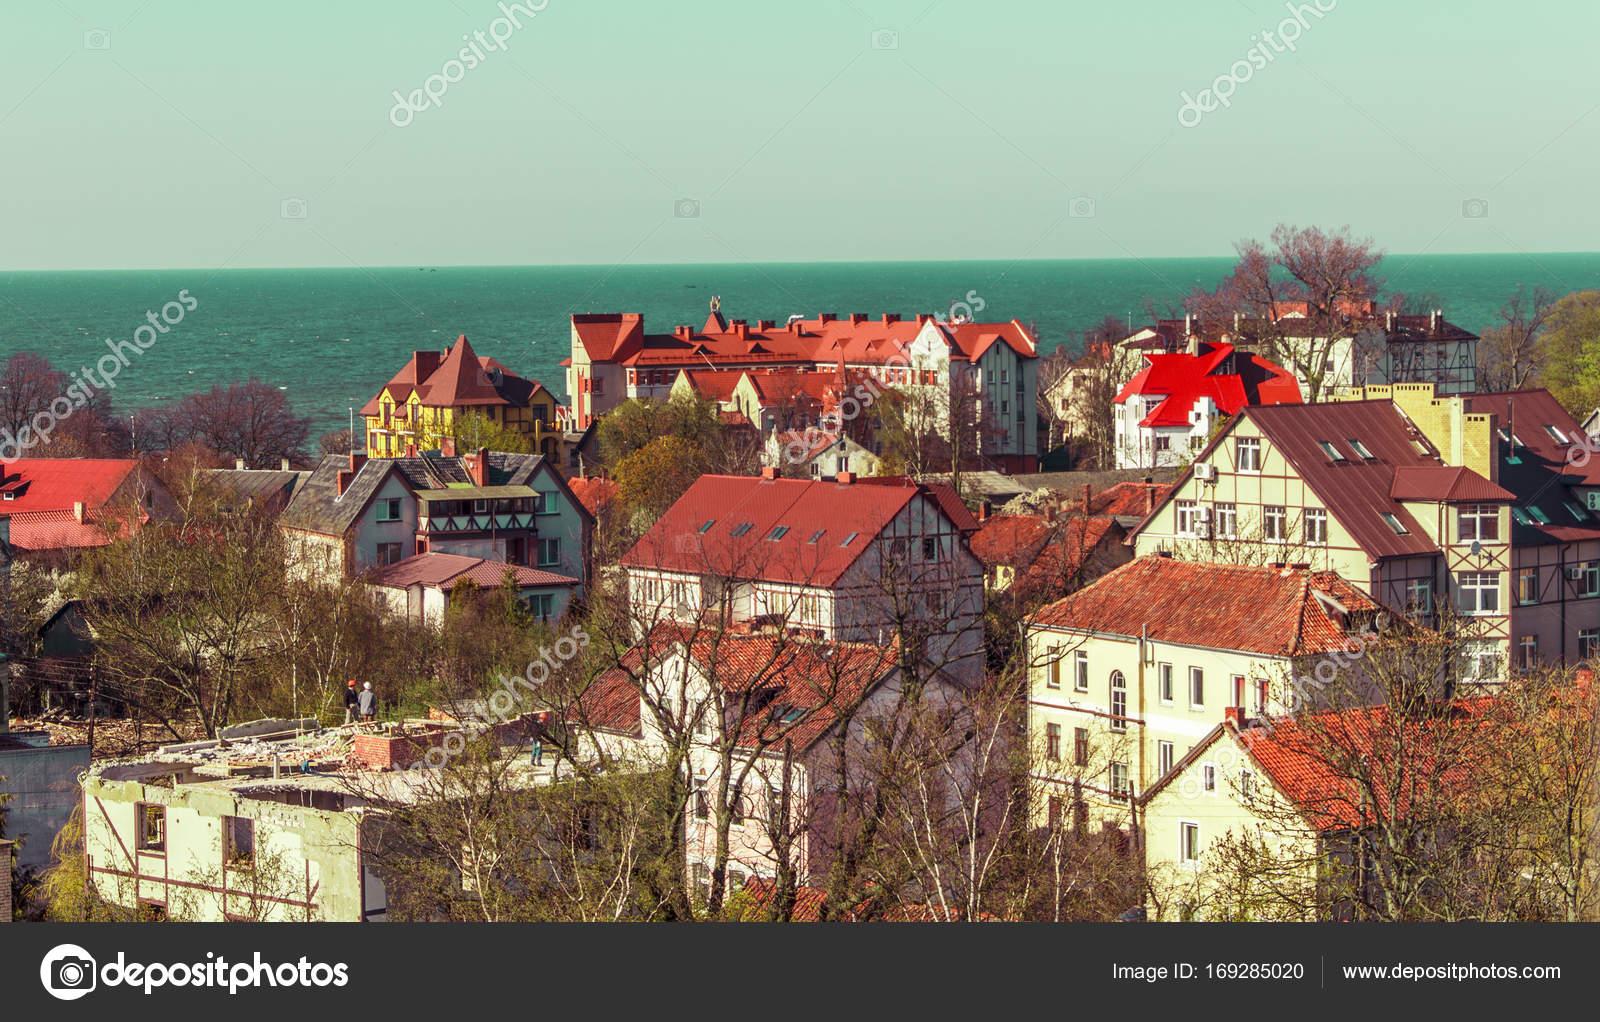 Stedelijke textuur achtergrond van rode pannendaken van huizen in